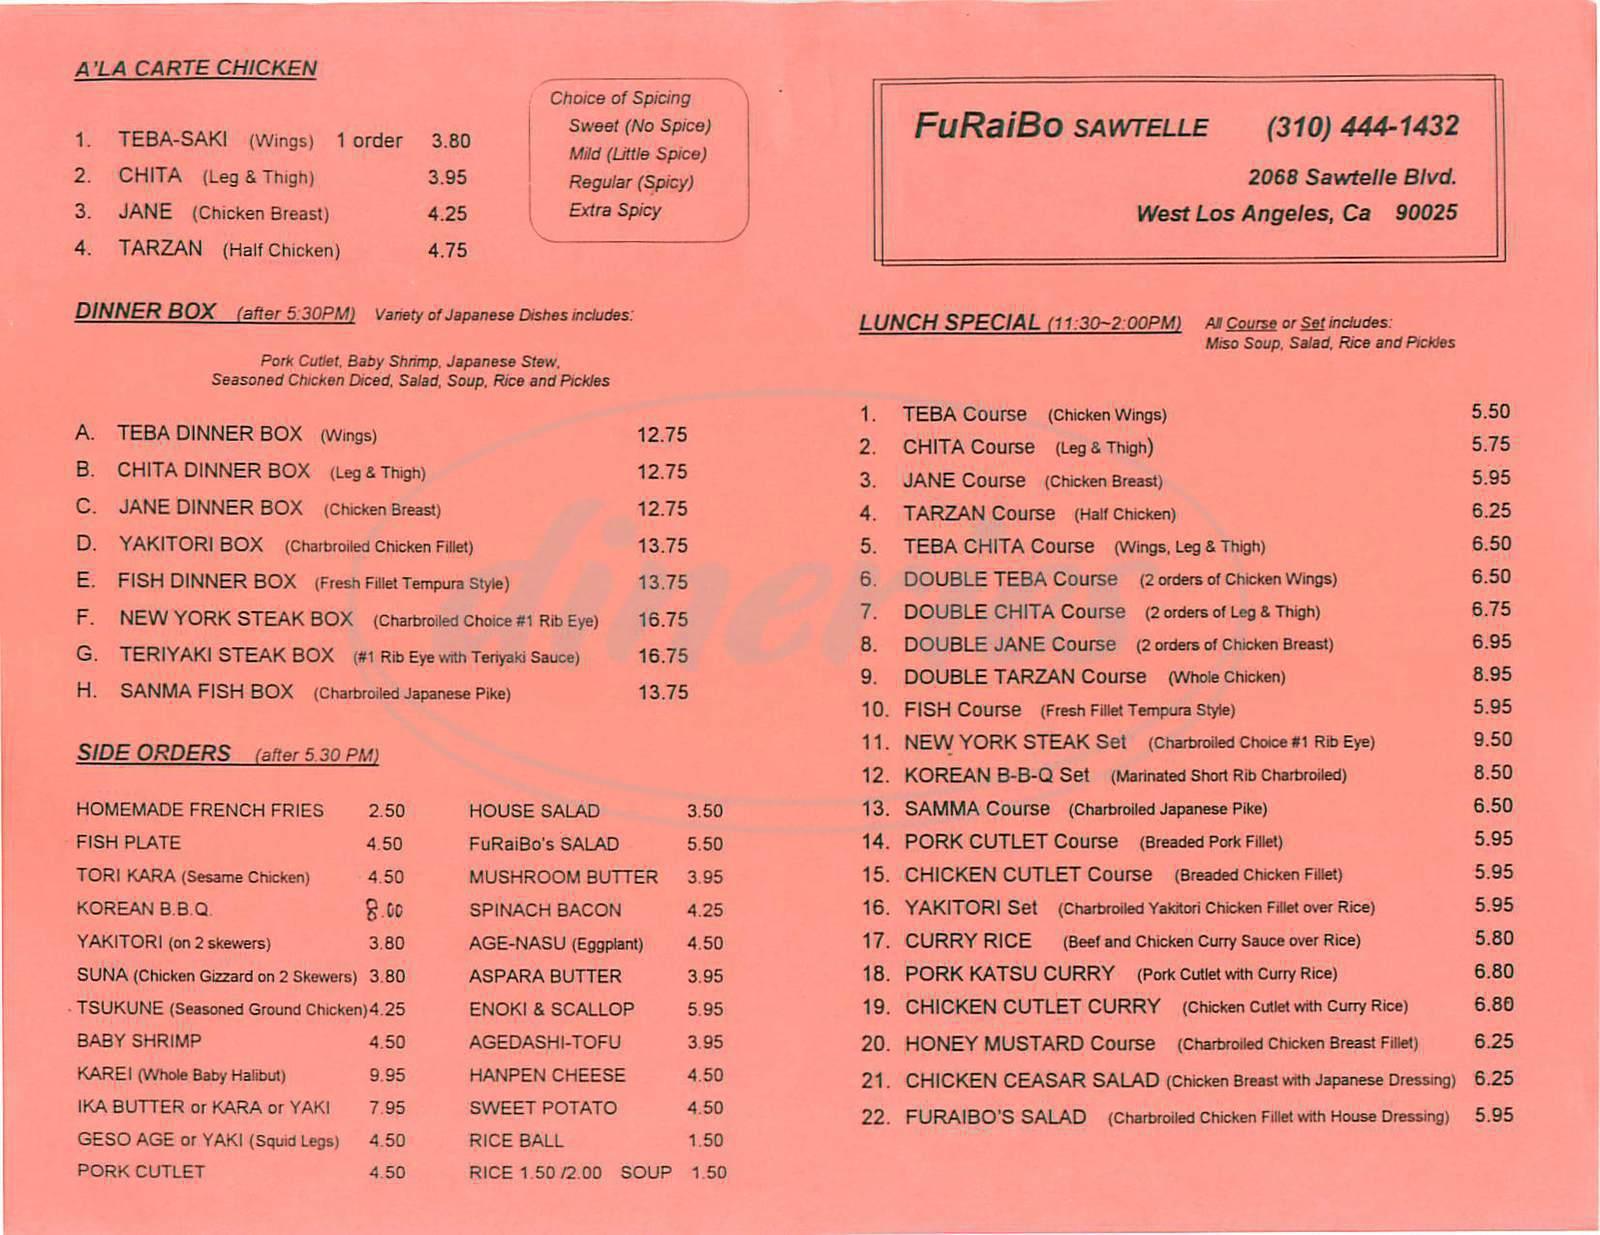 menu for Furaibo